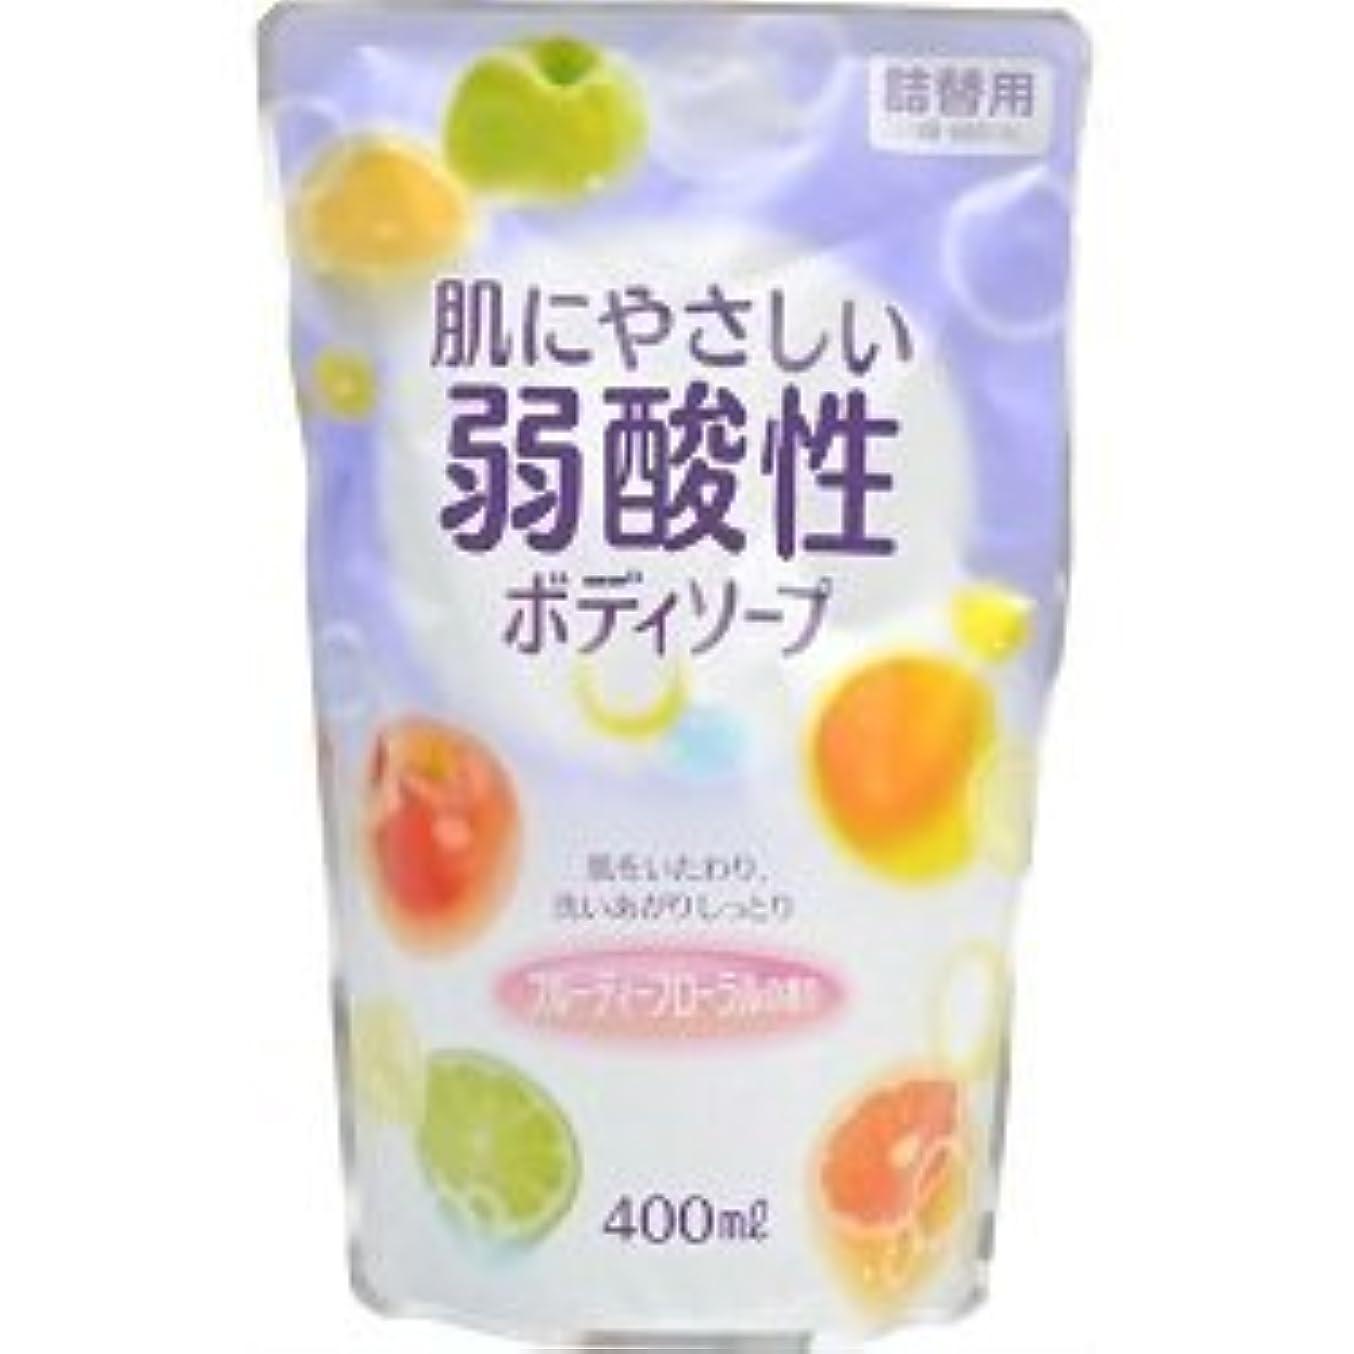 改善普通に応答【エオリア】弱酸性ボディソープ フルーティフローラルの香り 詰替用 400ml ×10個セット